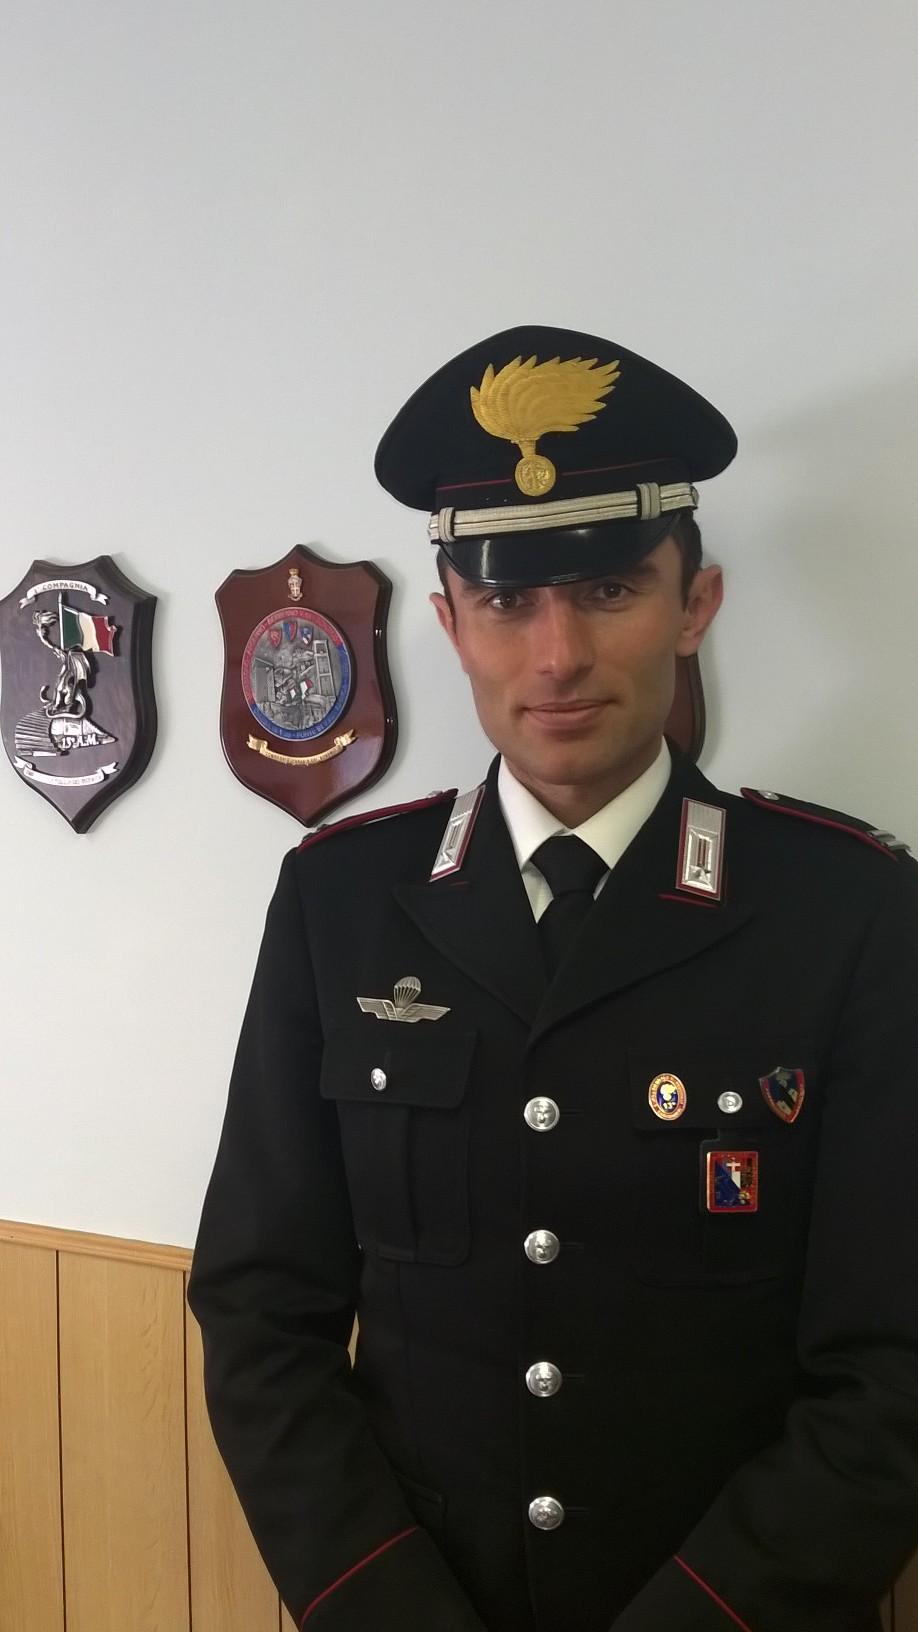 Il mar. Barberis è il nuovo Comandante della Stazione Carabinieri di Sestriere